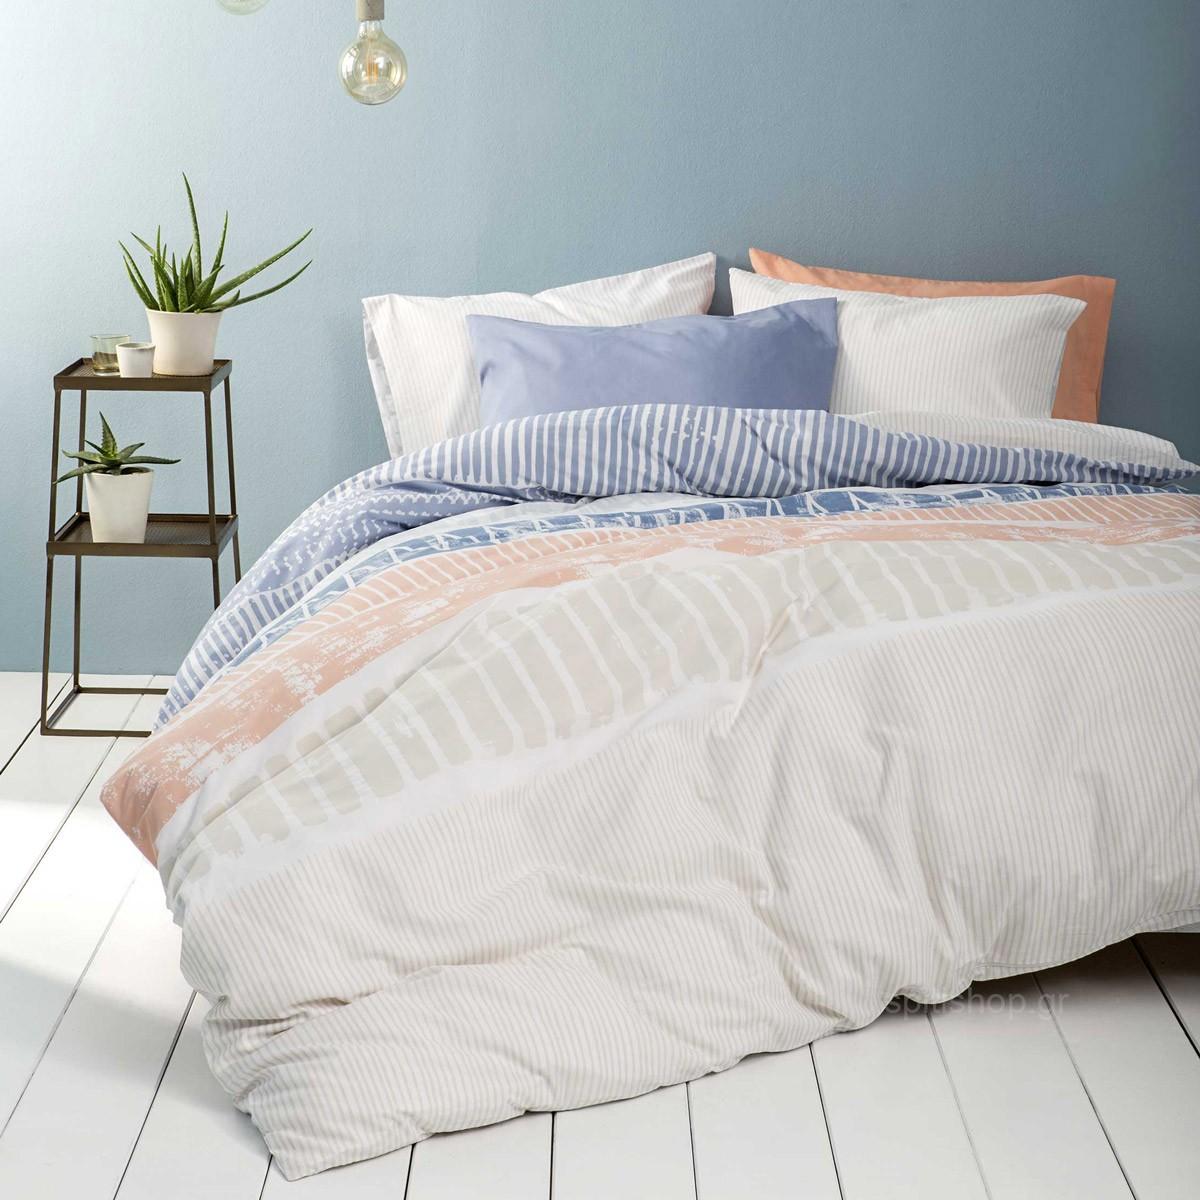 Σεντόνια Μονά (Σετ) Nima Bed Linen Akachi Blue ΜΕ ΛΑΣΤΙΧΟ 100×200+32 ΜΕ ΛΑΣΤΙΧΟ 100×200+32